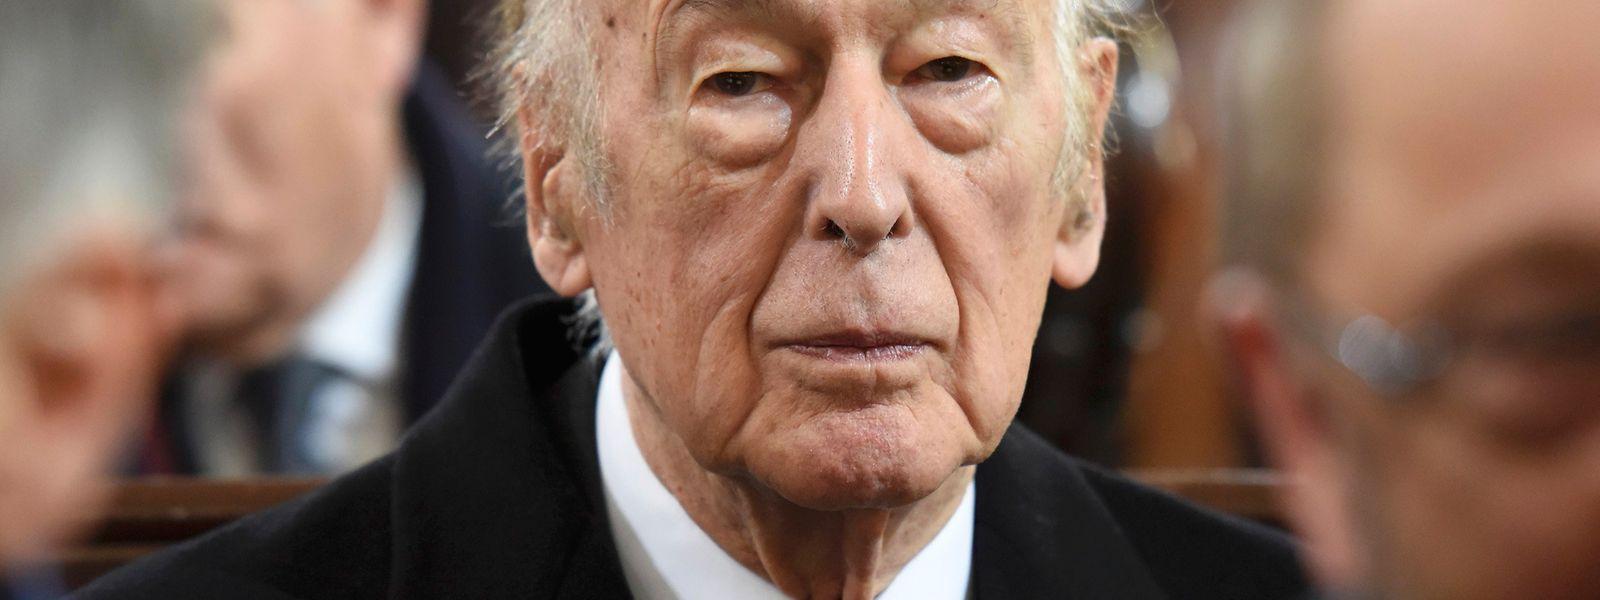 Giscard d'Estaing war von 1974 bis 1981 Präsident von Frankreich.